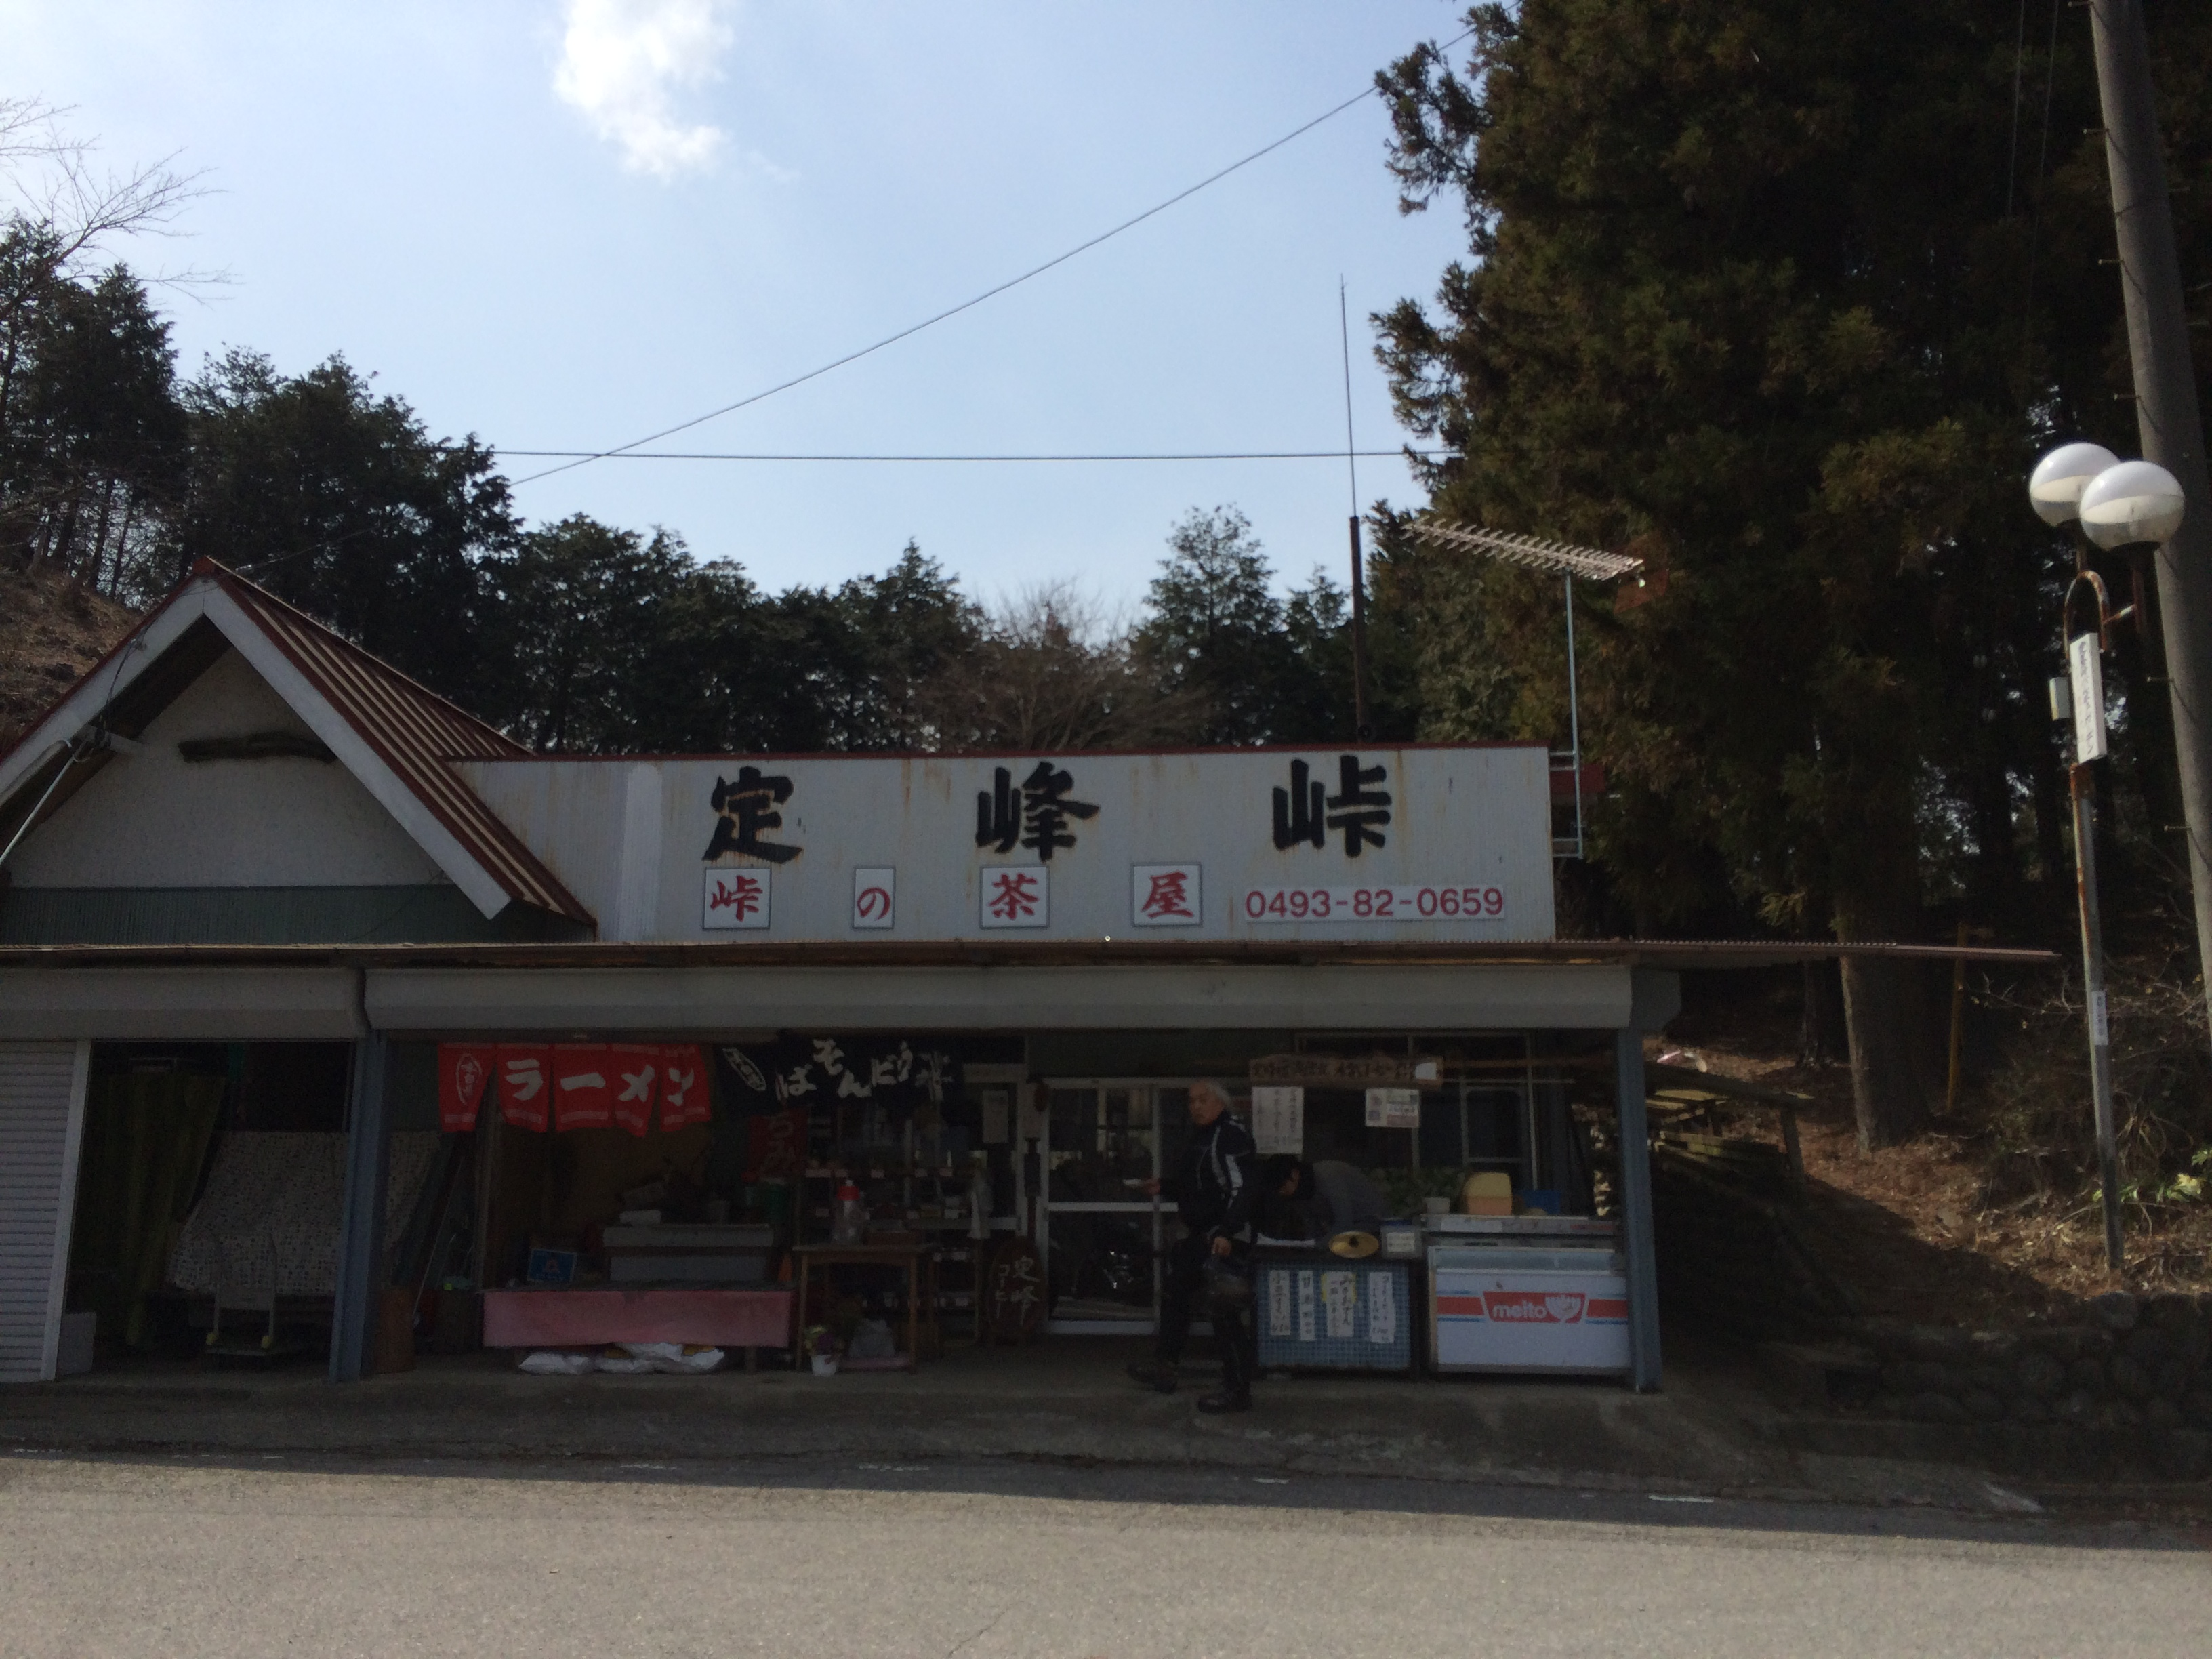 定峰峠鬼うどんツーリング [2015.3.22]